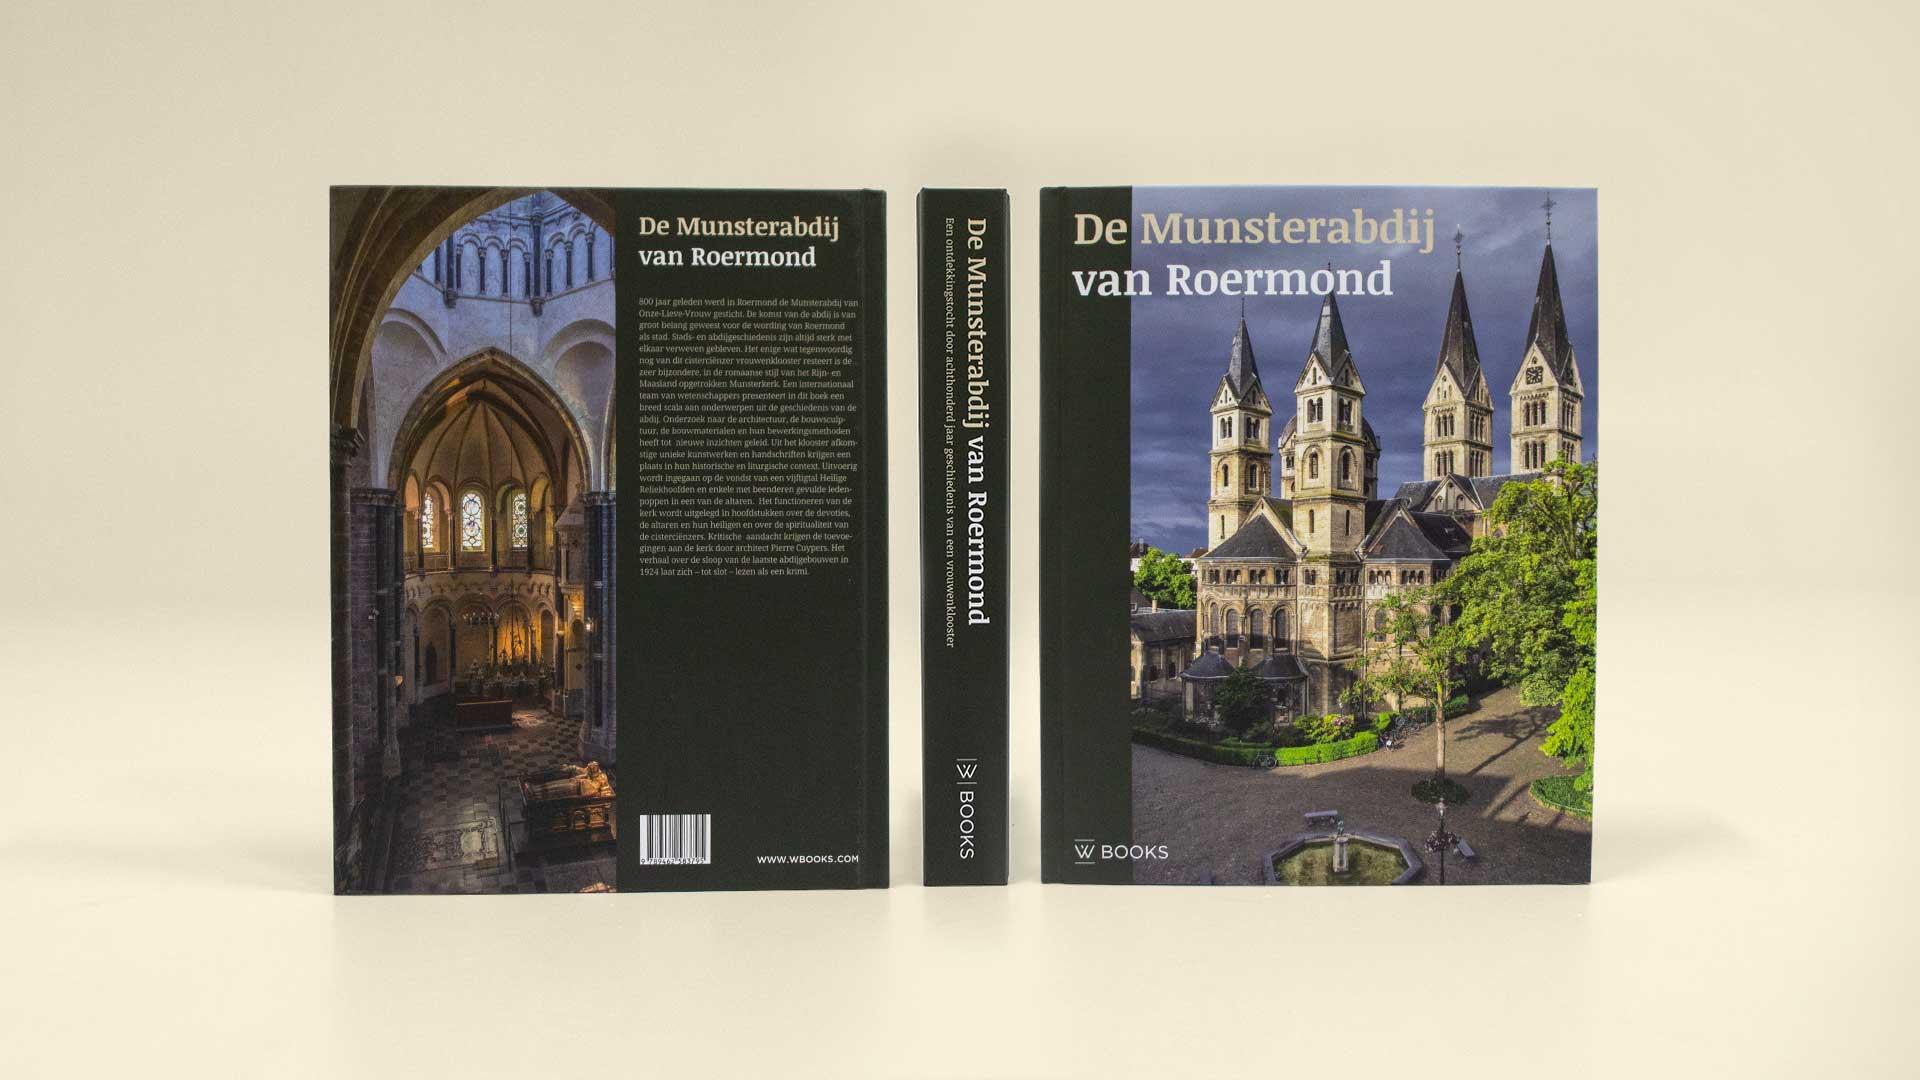 De Munsterabdij van Roermond